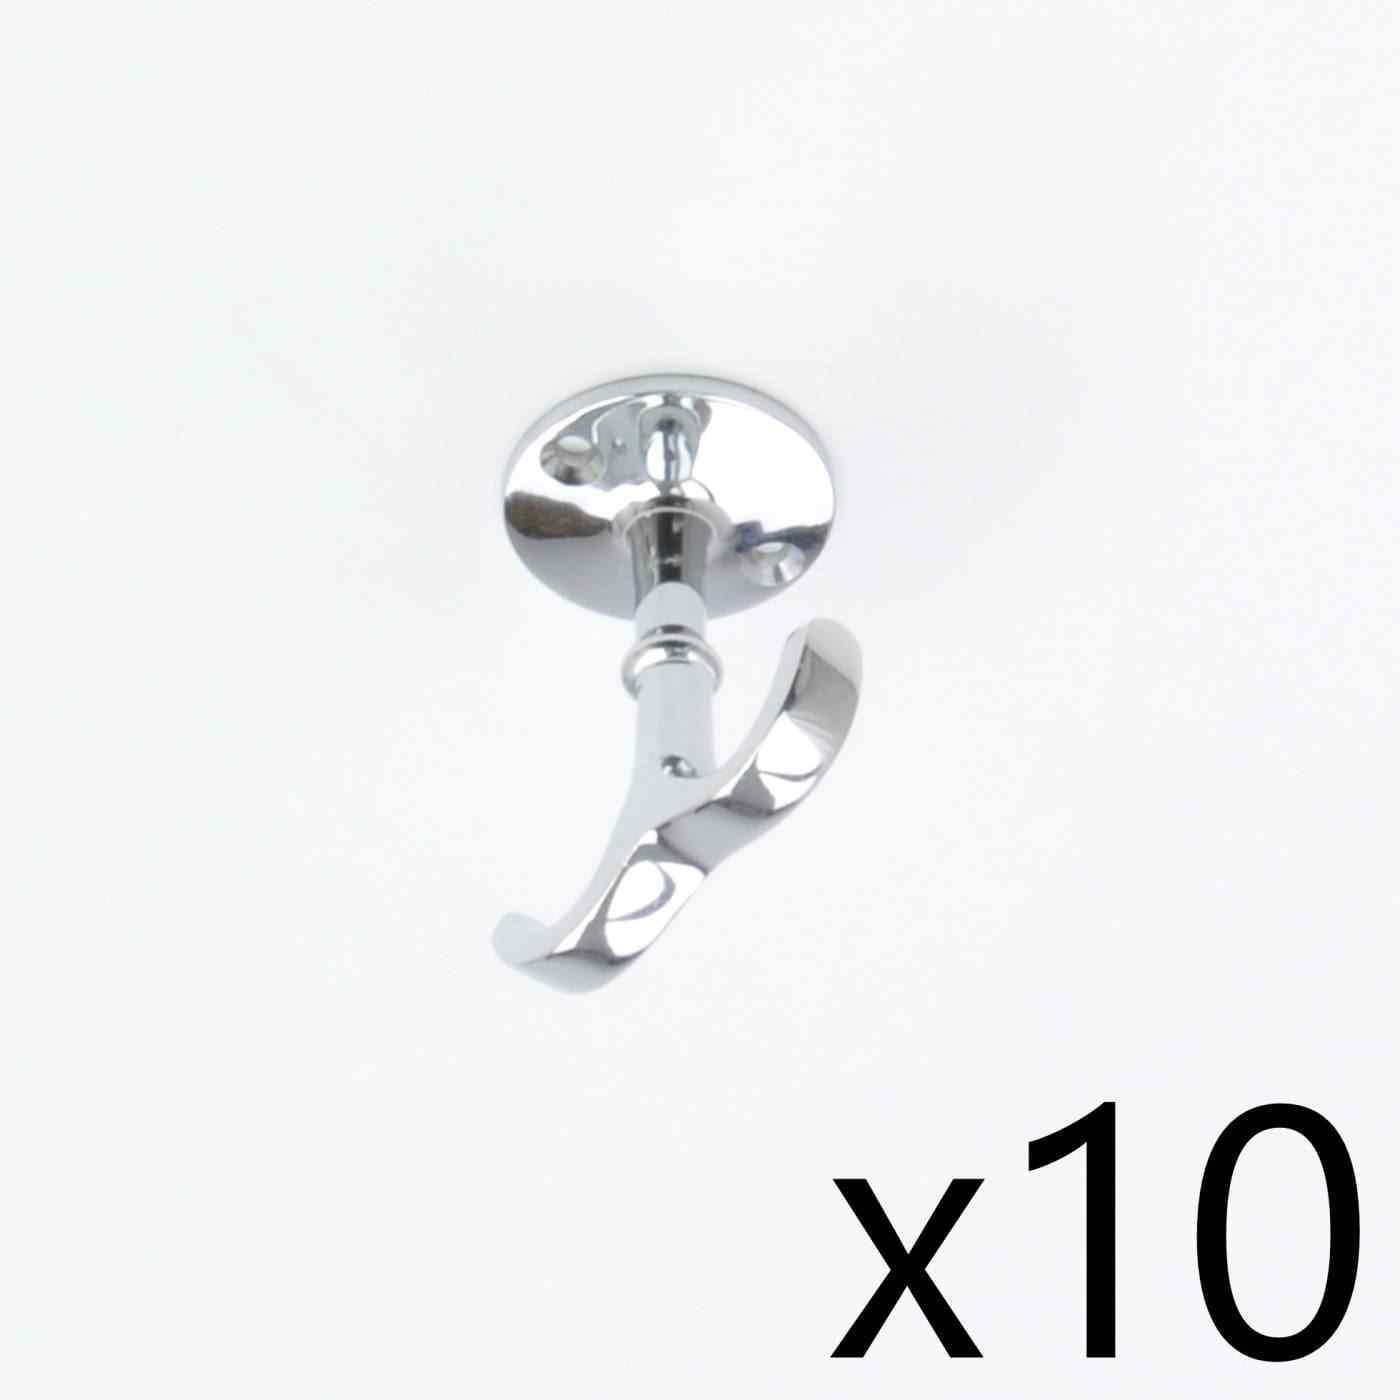 10 x argentoo Cromato in bar o Scaffale Gancio Ottone Massiccio sotto Appendiabiti Gancio